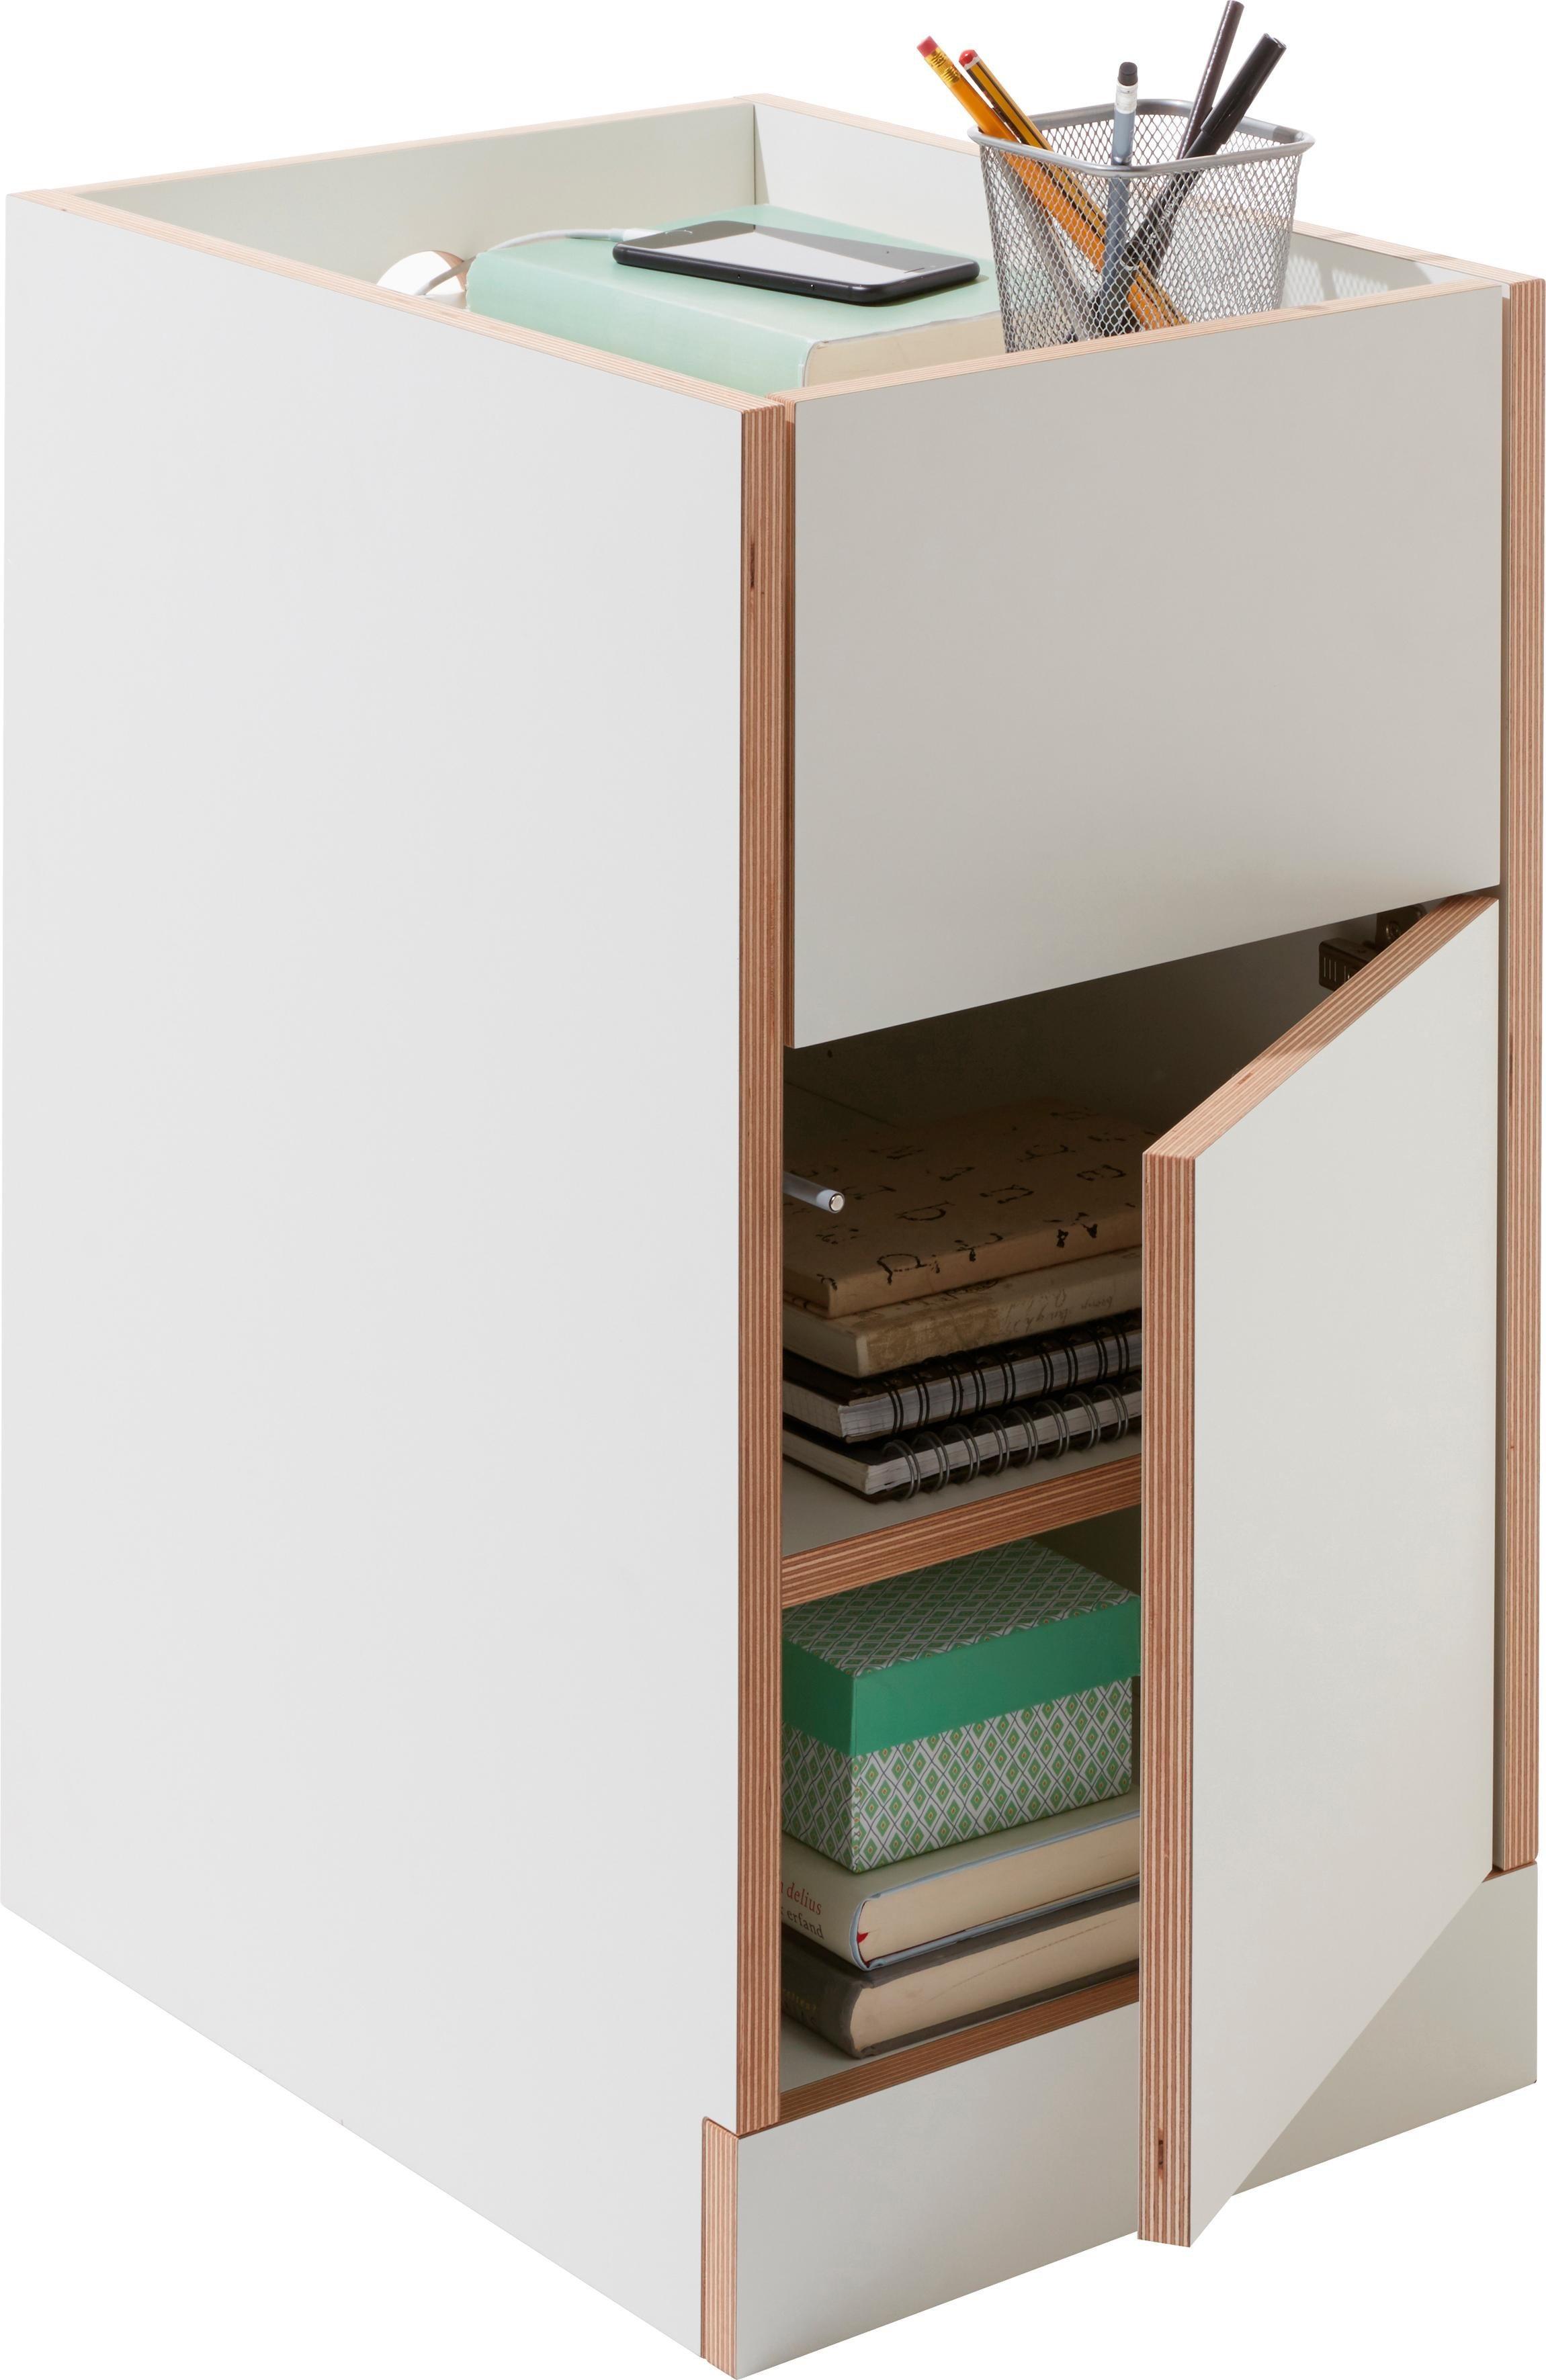 müller möbelwerkstätten® Container »FLAI« | Büro > Büroschränke > Container | müller möbelwerkstätten®